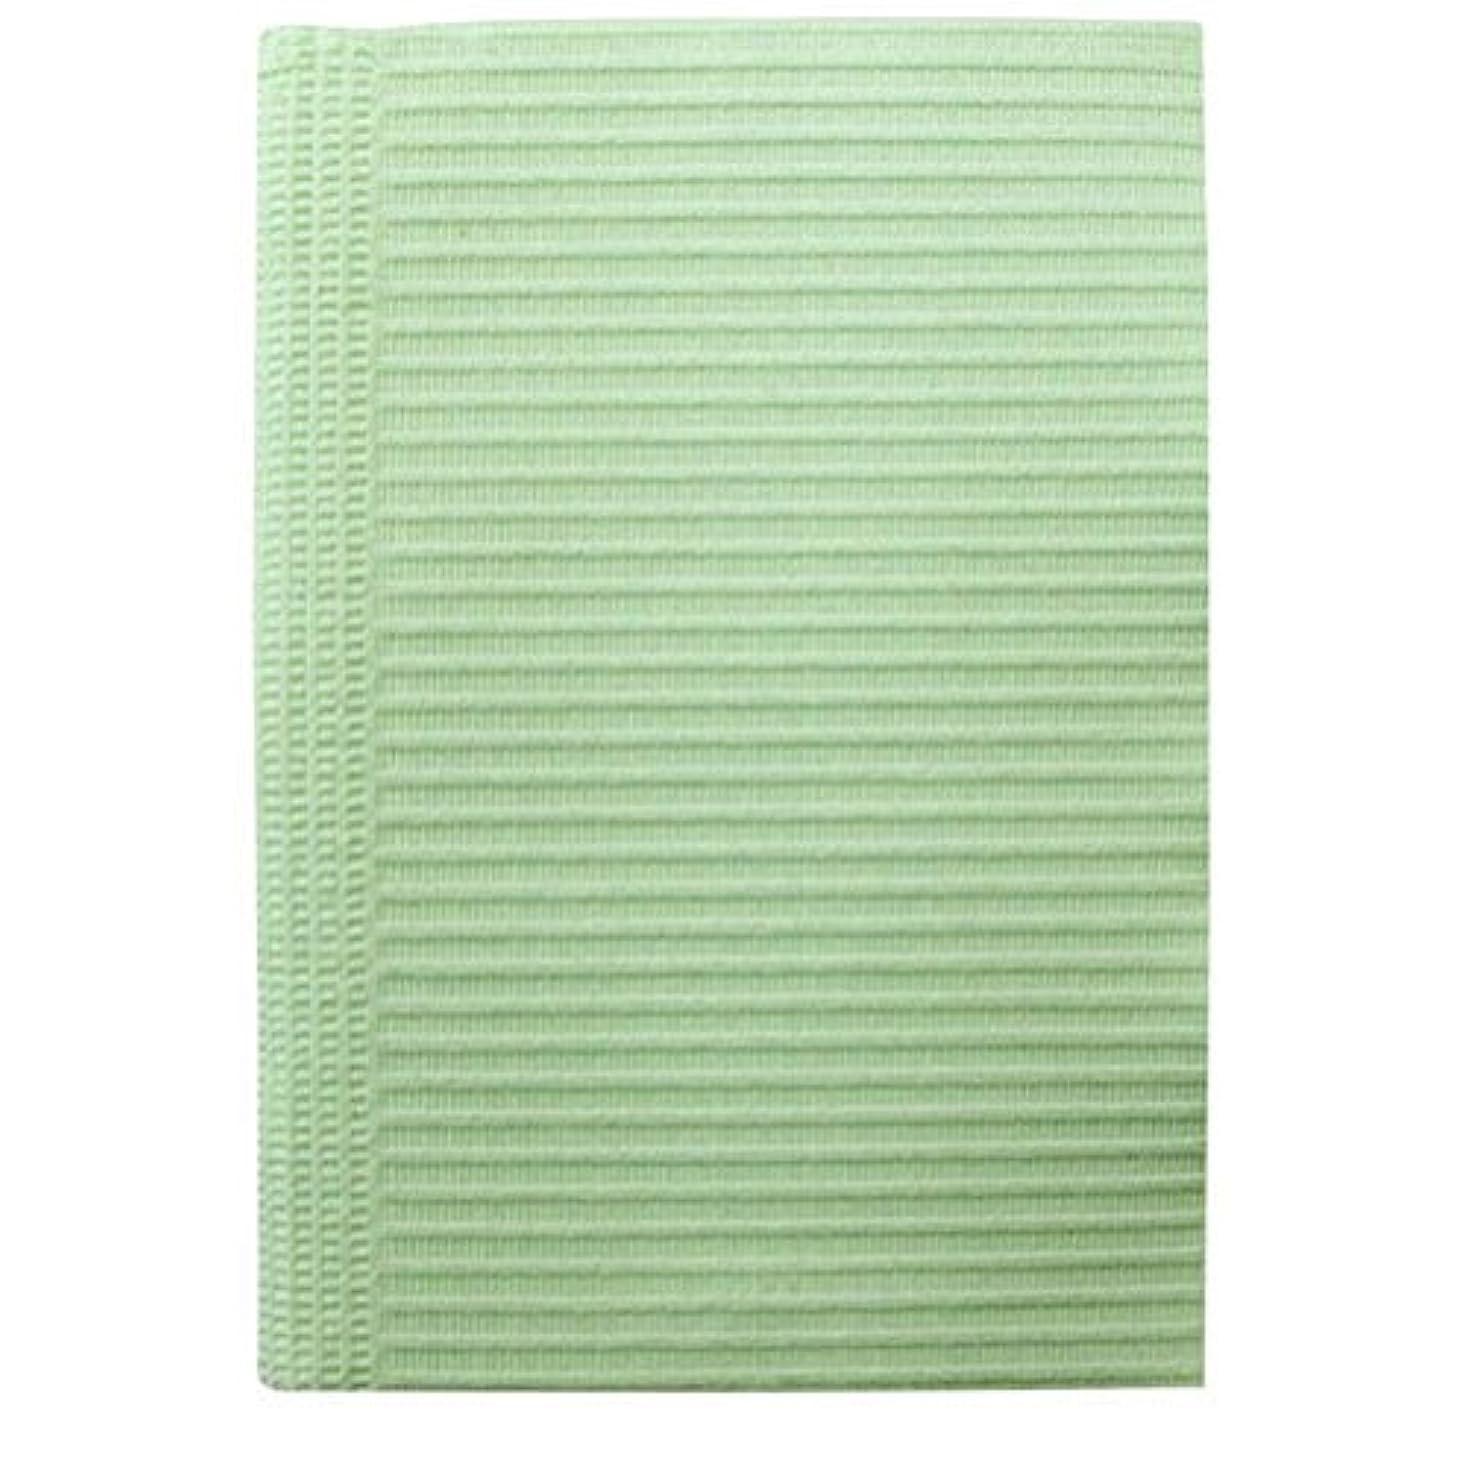 効果答え明確なSunshineBabe サンシャインベビー ペーパーシート 50枚 グリーン